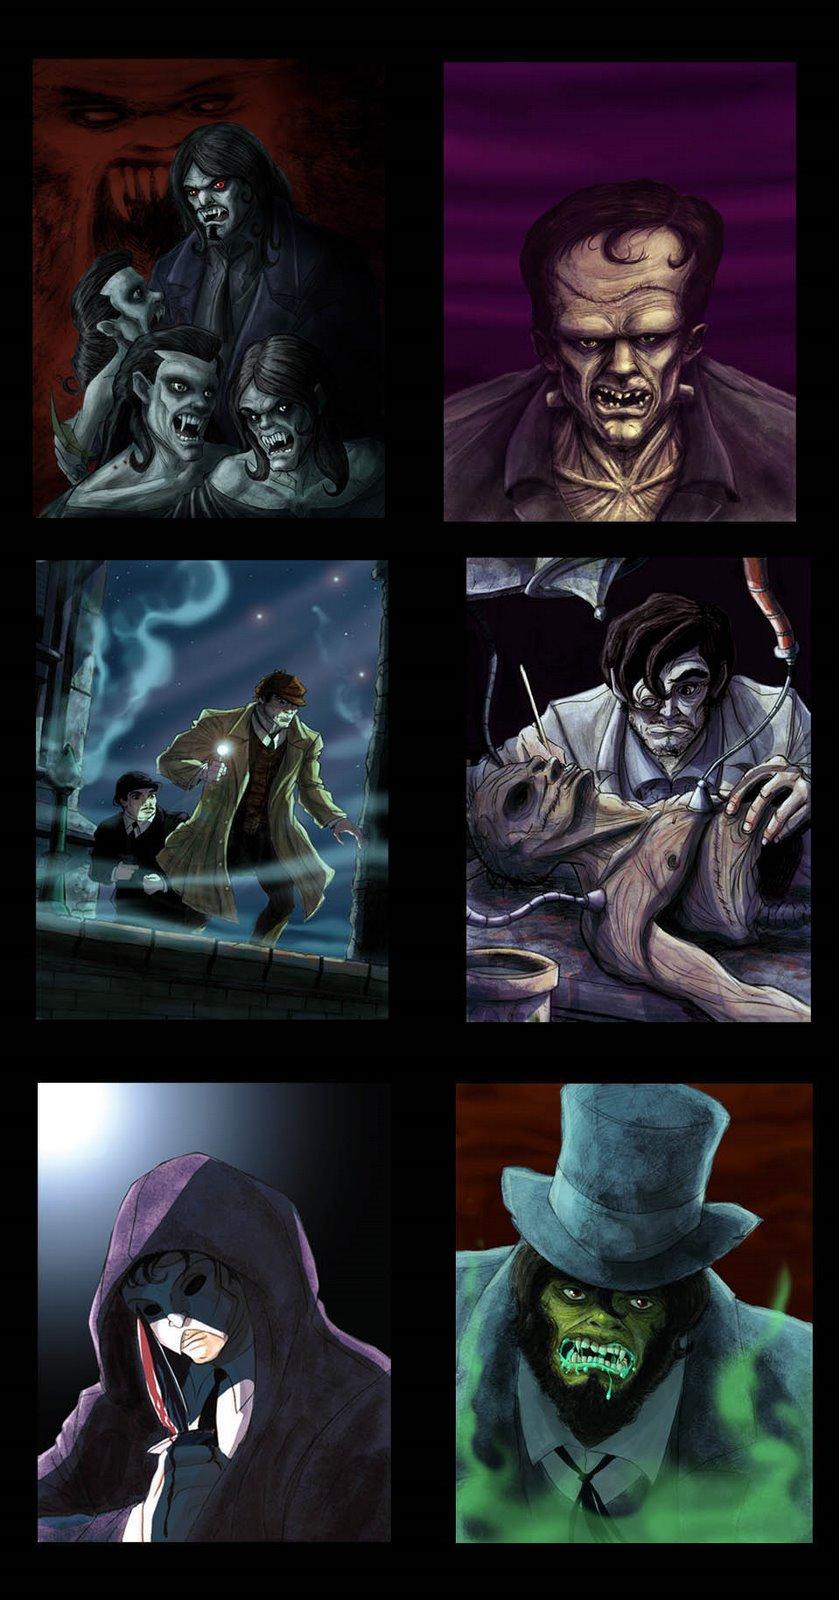 grafica juvenil / para libros de misterio y horror.( publicado)